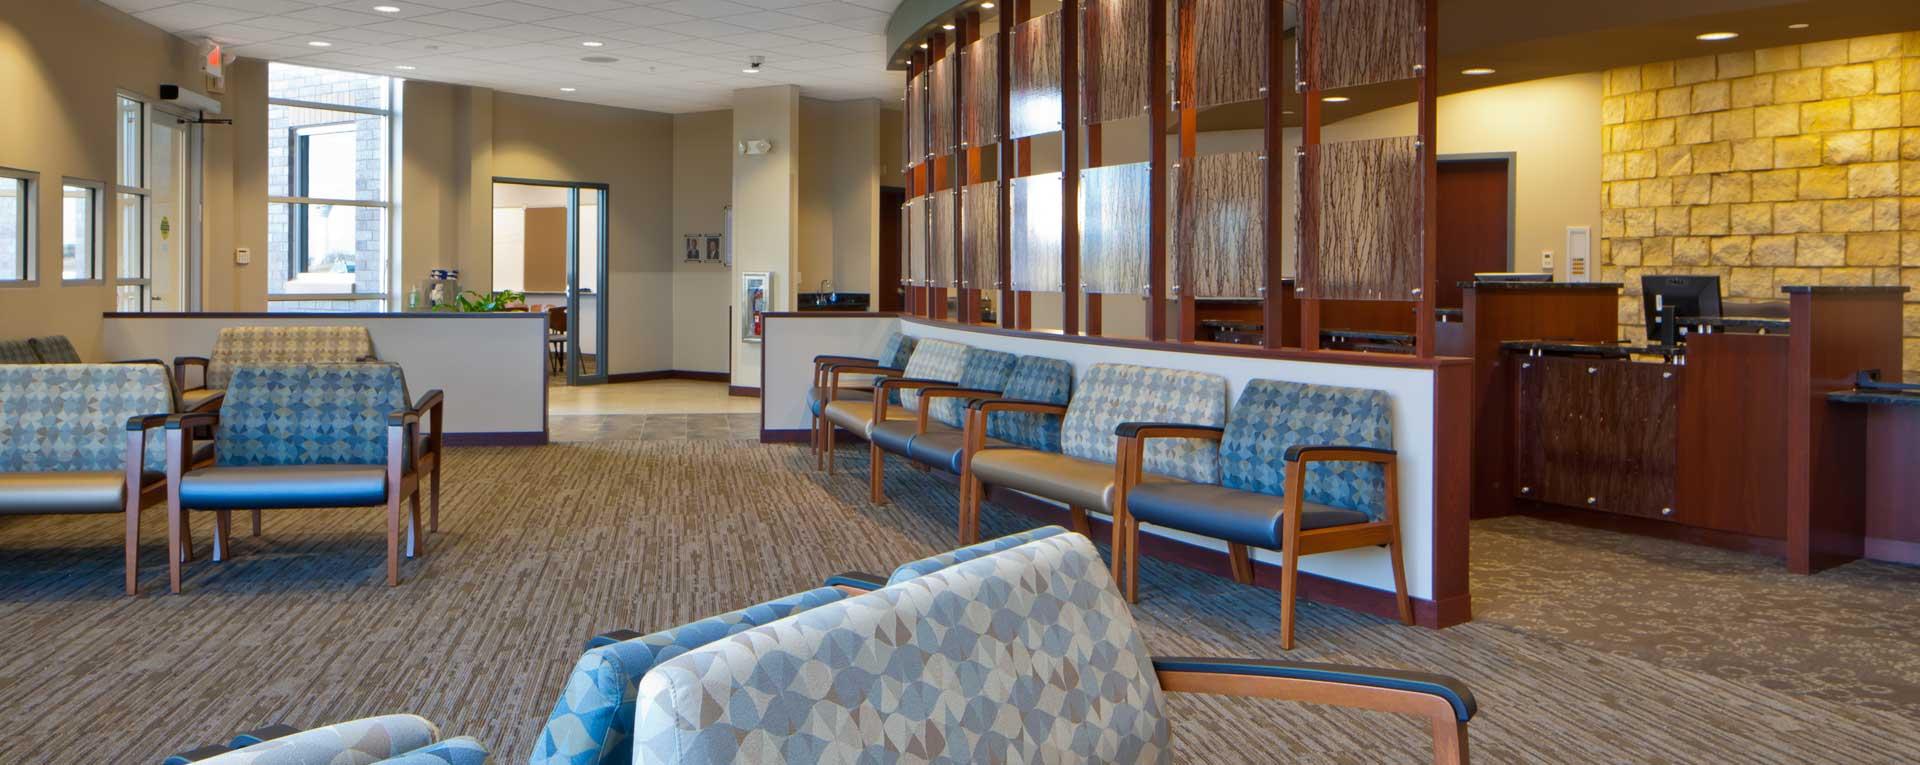 VA Clinic Main Lobby